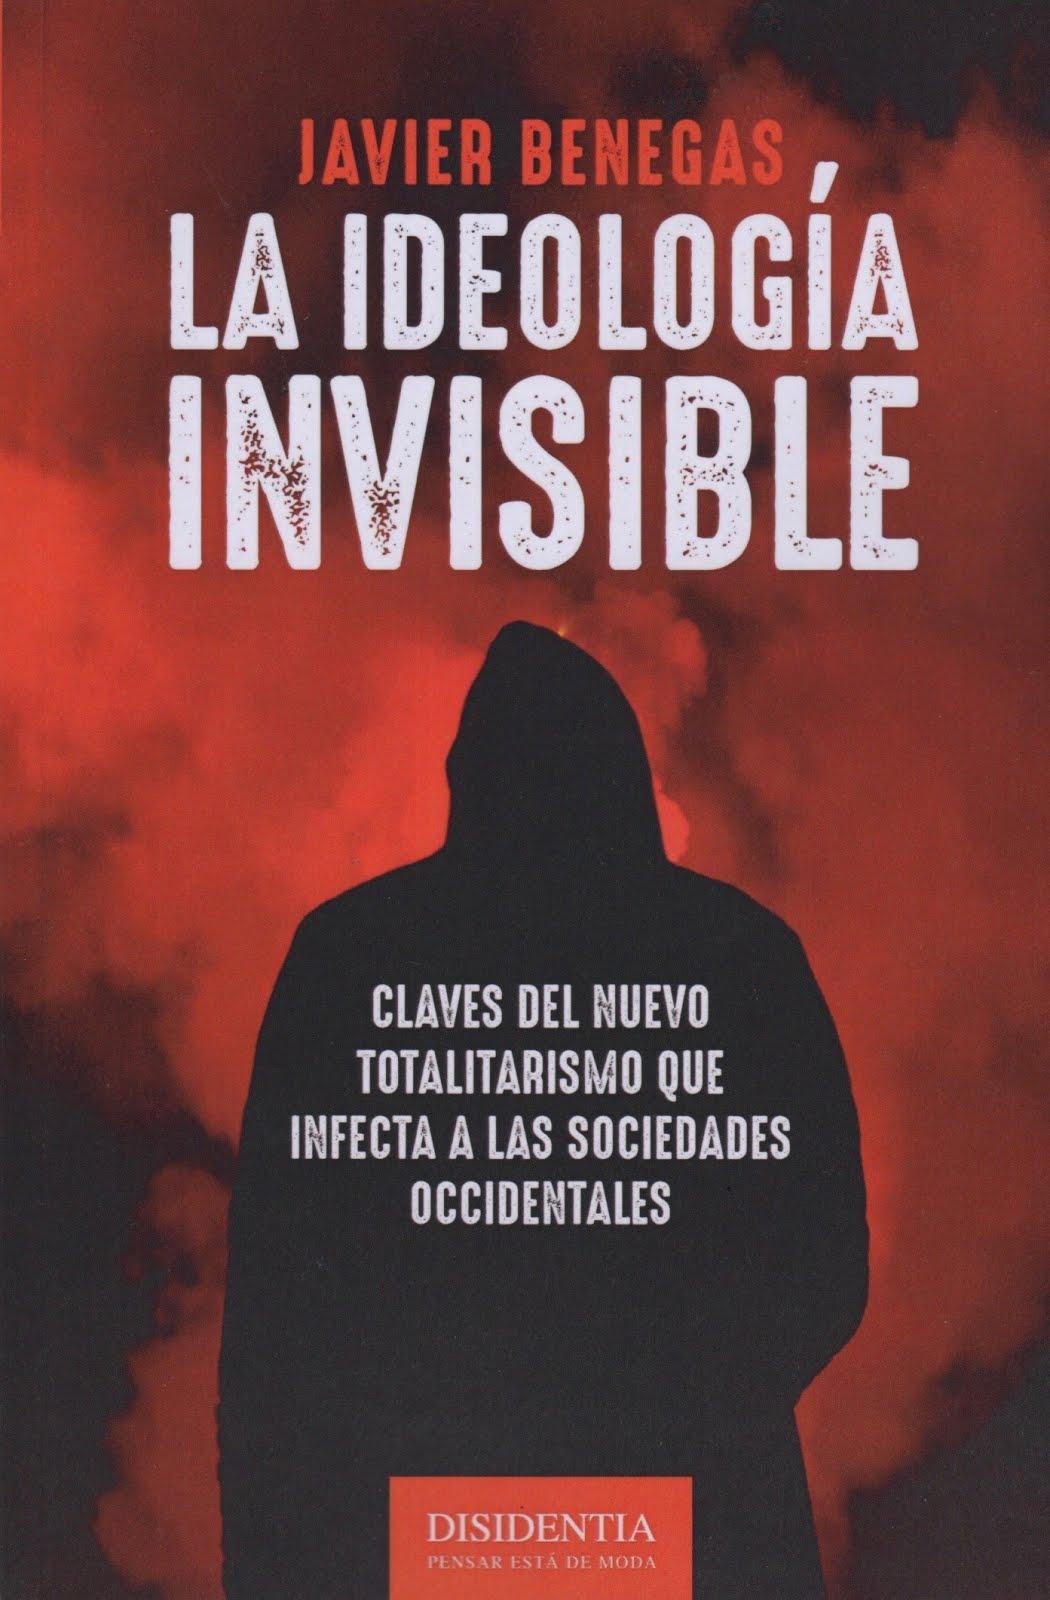 Javier Benegas (La ideología invisible) Claves del nuevo totalitarismo que infecta a las sociedades